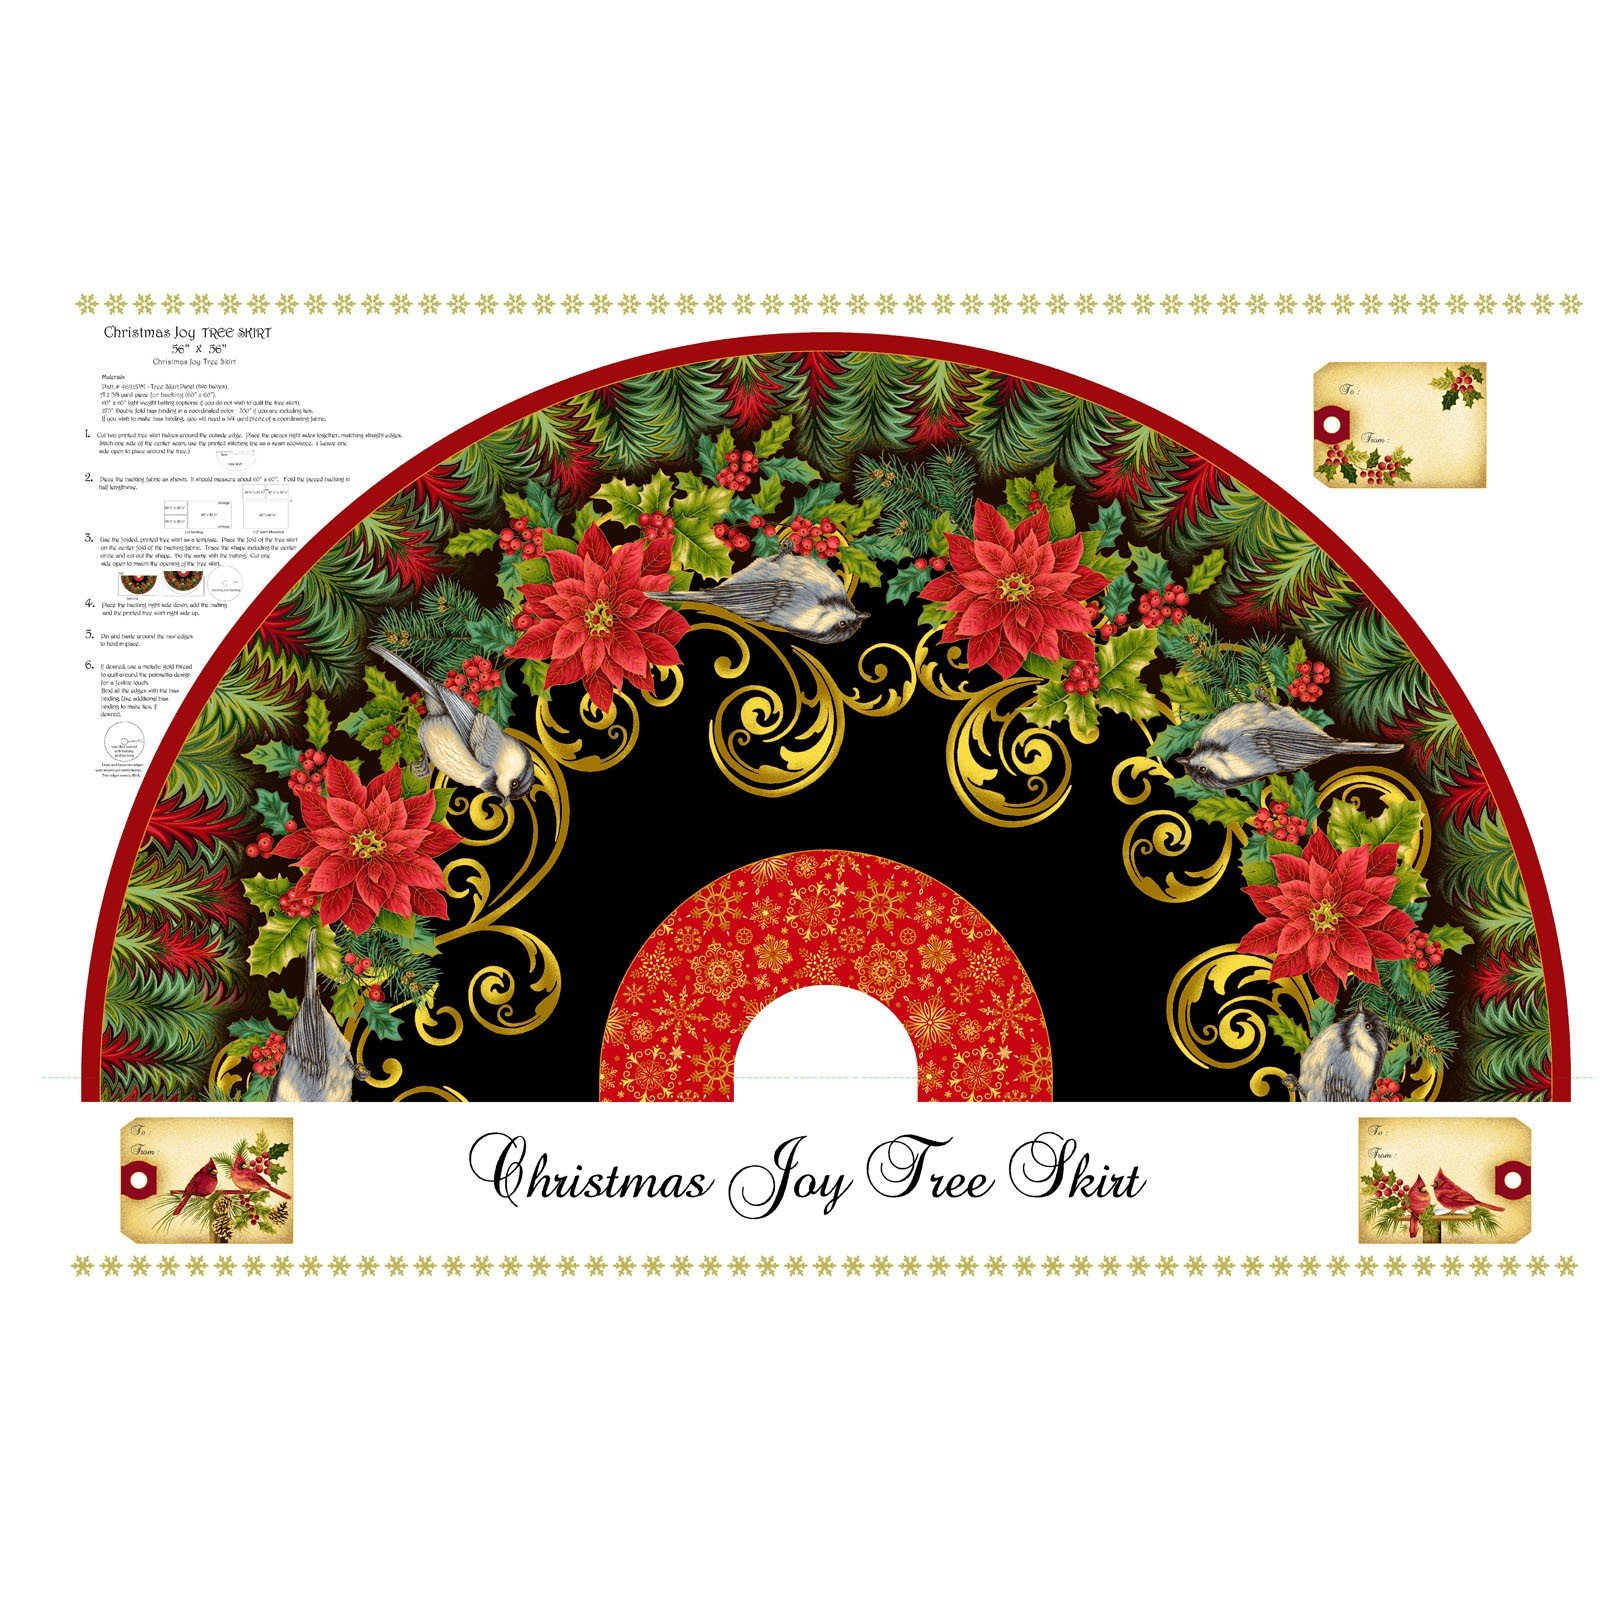 Christmas Joy Tree Skirt Panel<br/>Studio-e4692PMW-99